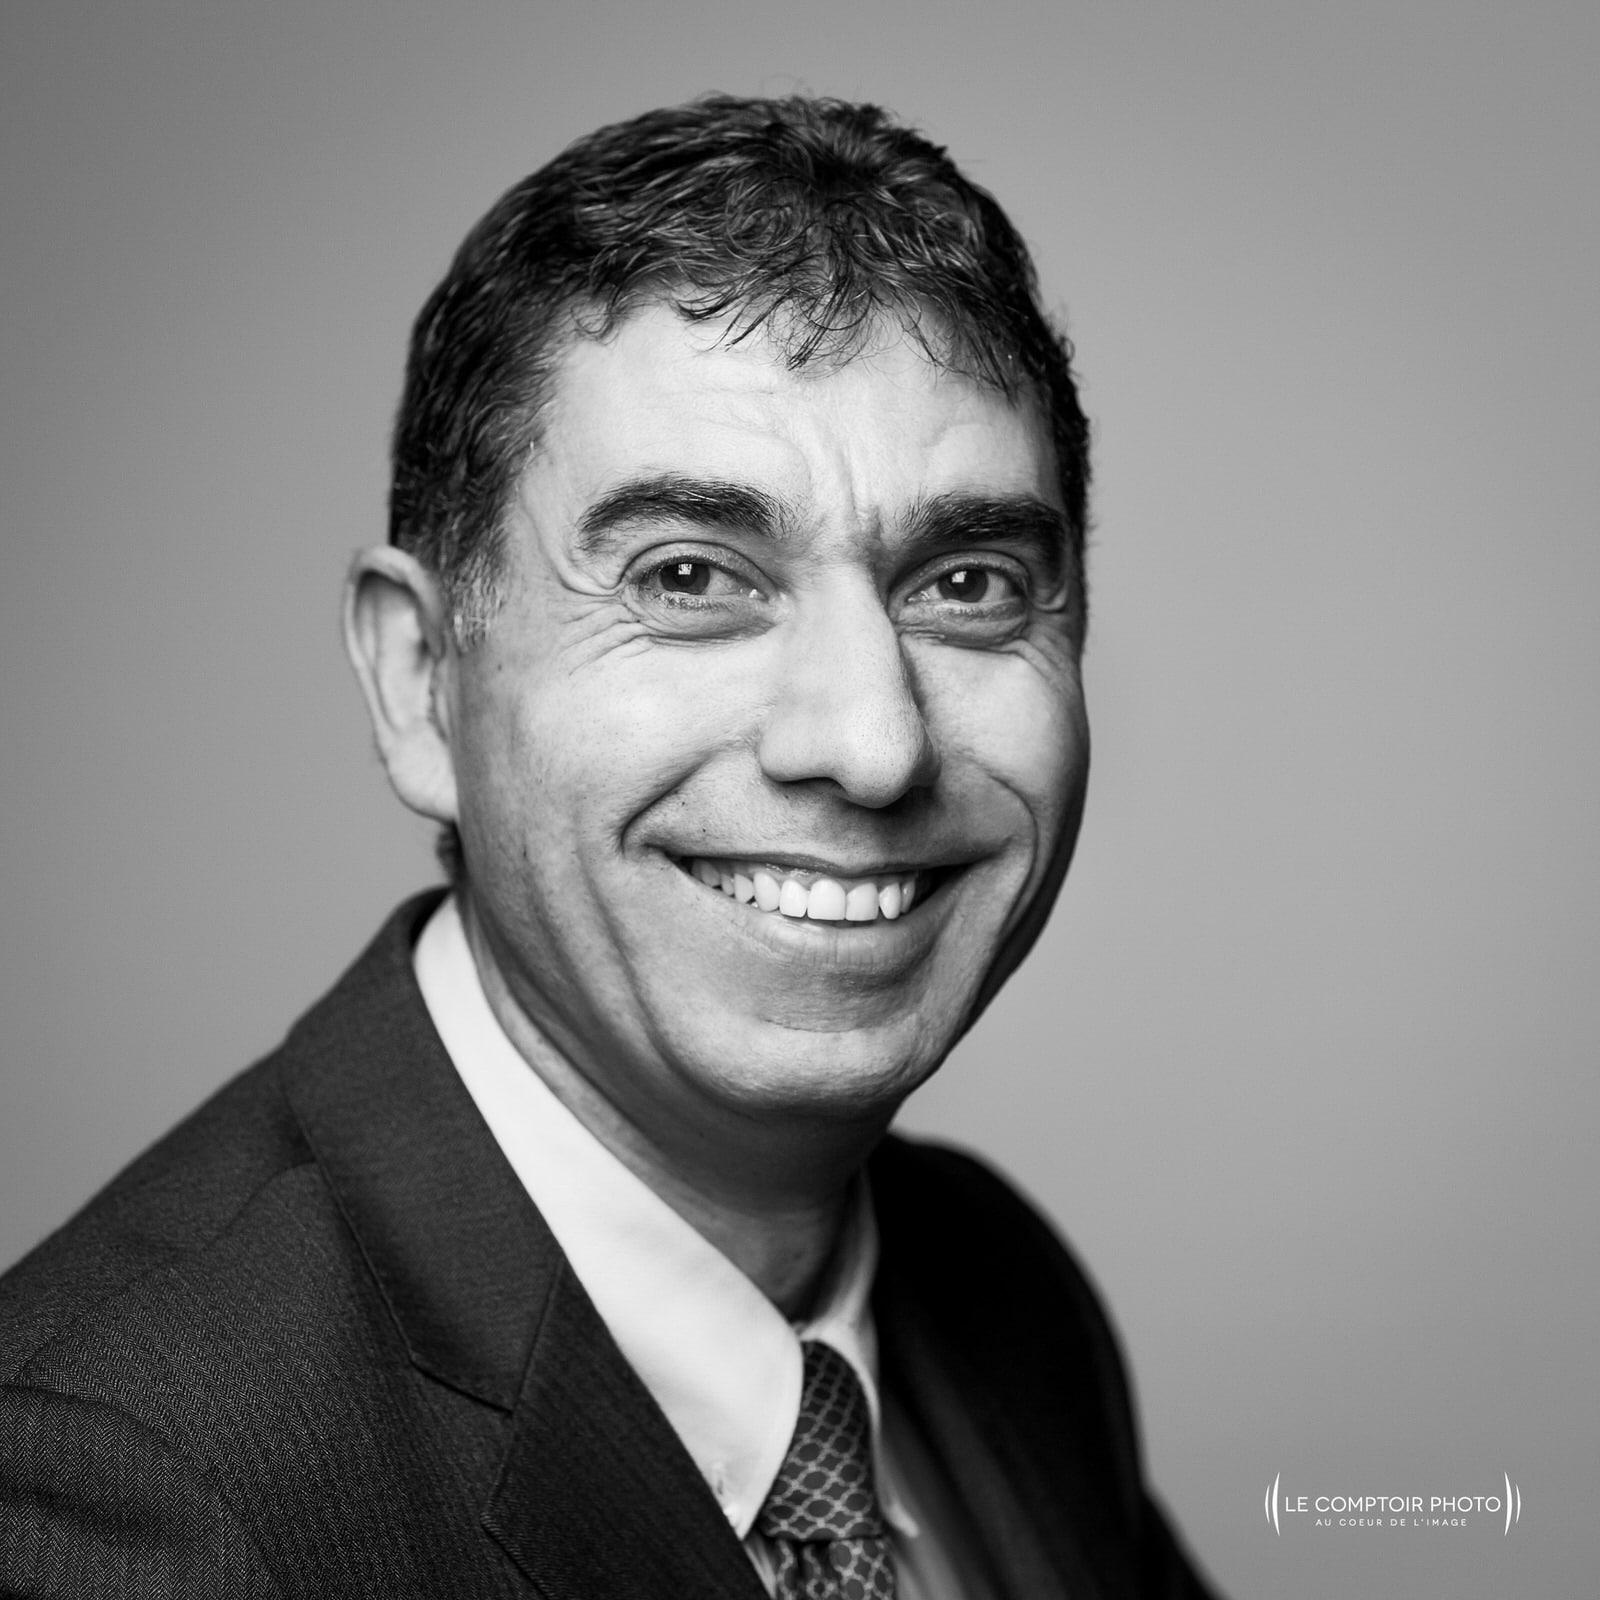 Portrait entreprise-corporate-linkedin-Le Comptoir Photo